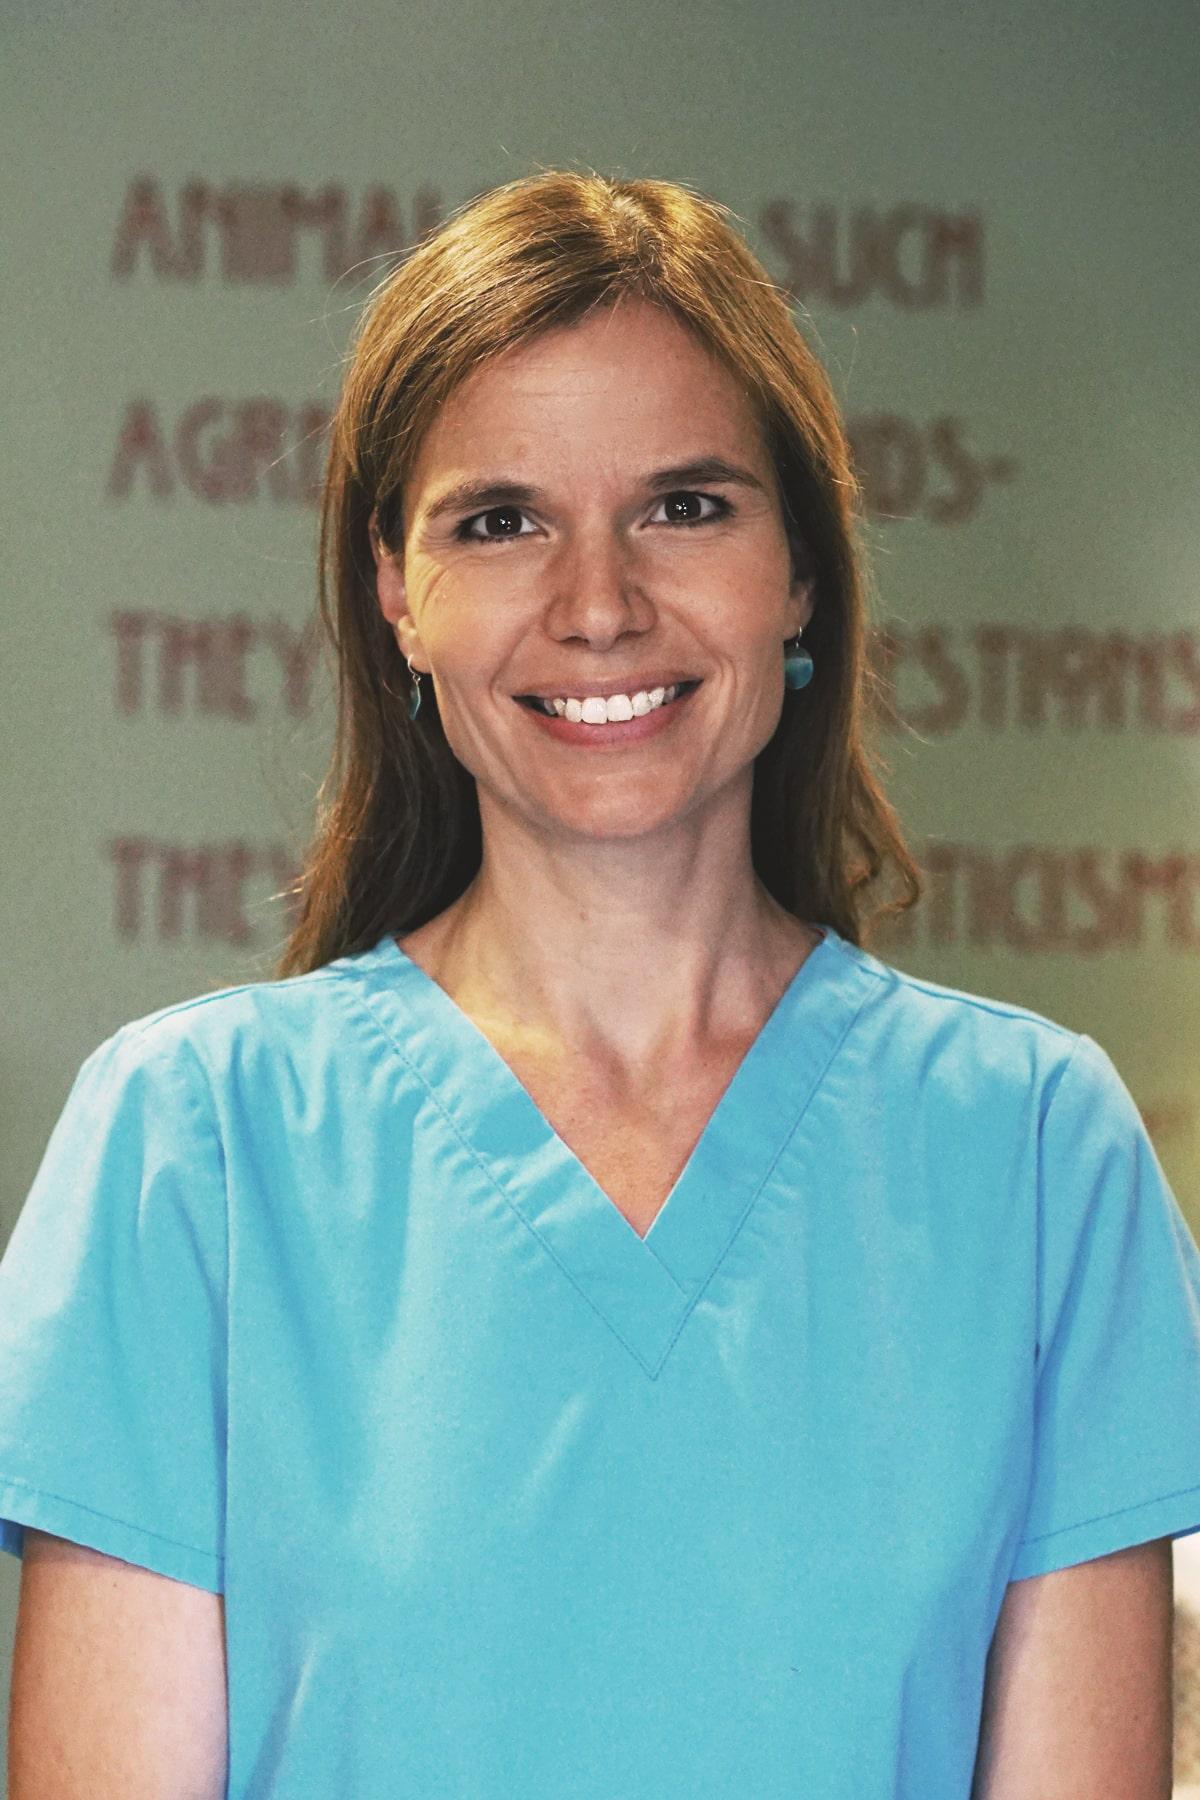 Dr. Kerry Zubke, Veterinarian